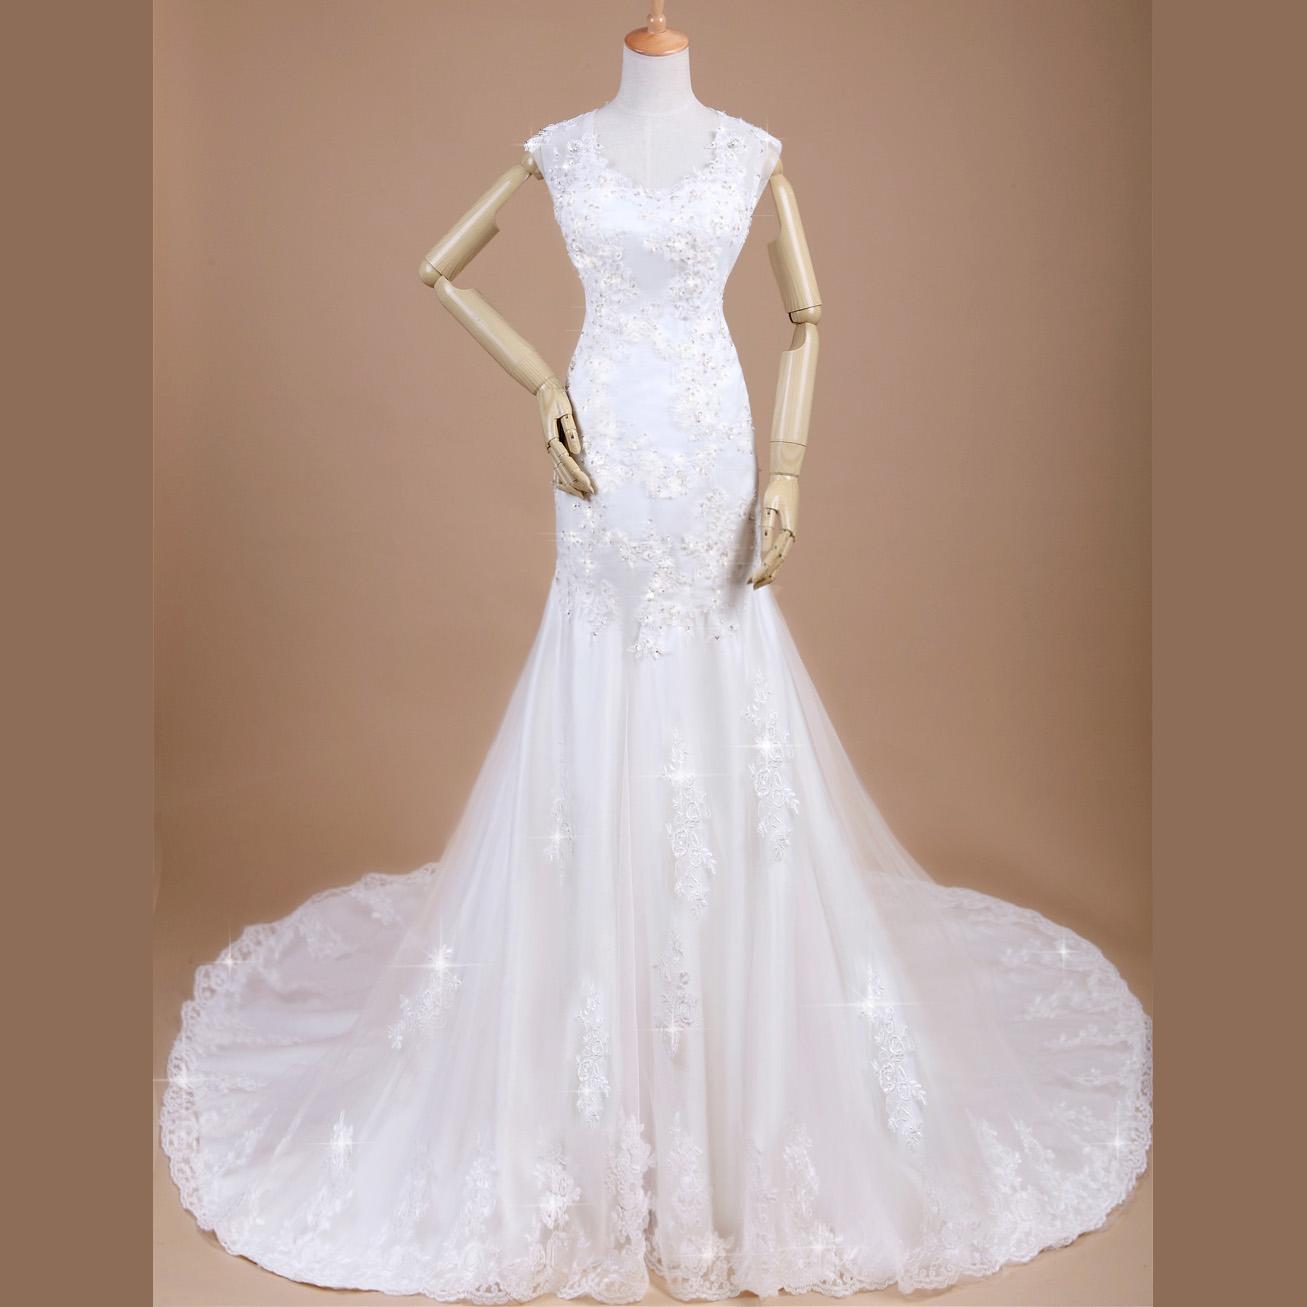 Свадебное платье Solid color wedding dress 1250 2012 Vera Wang